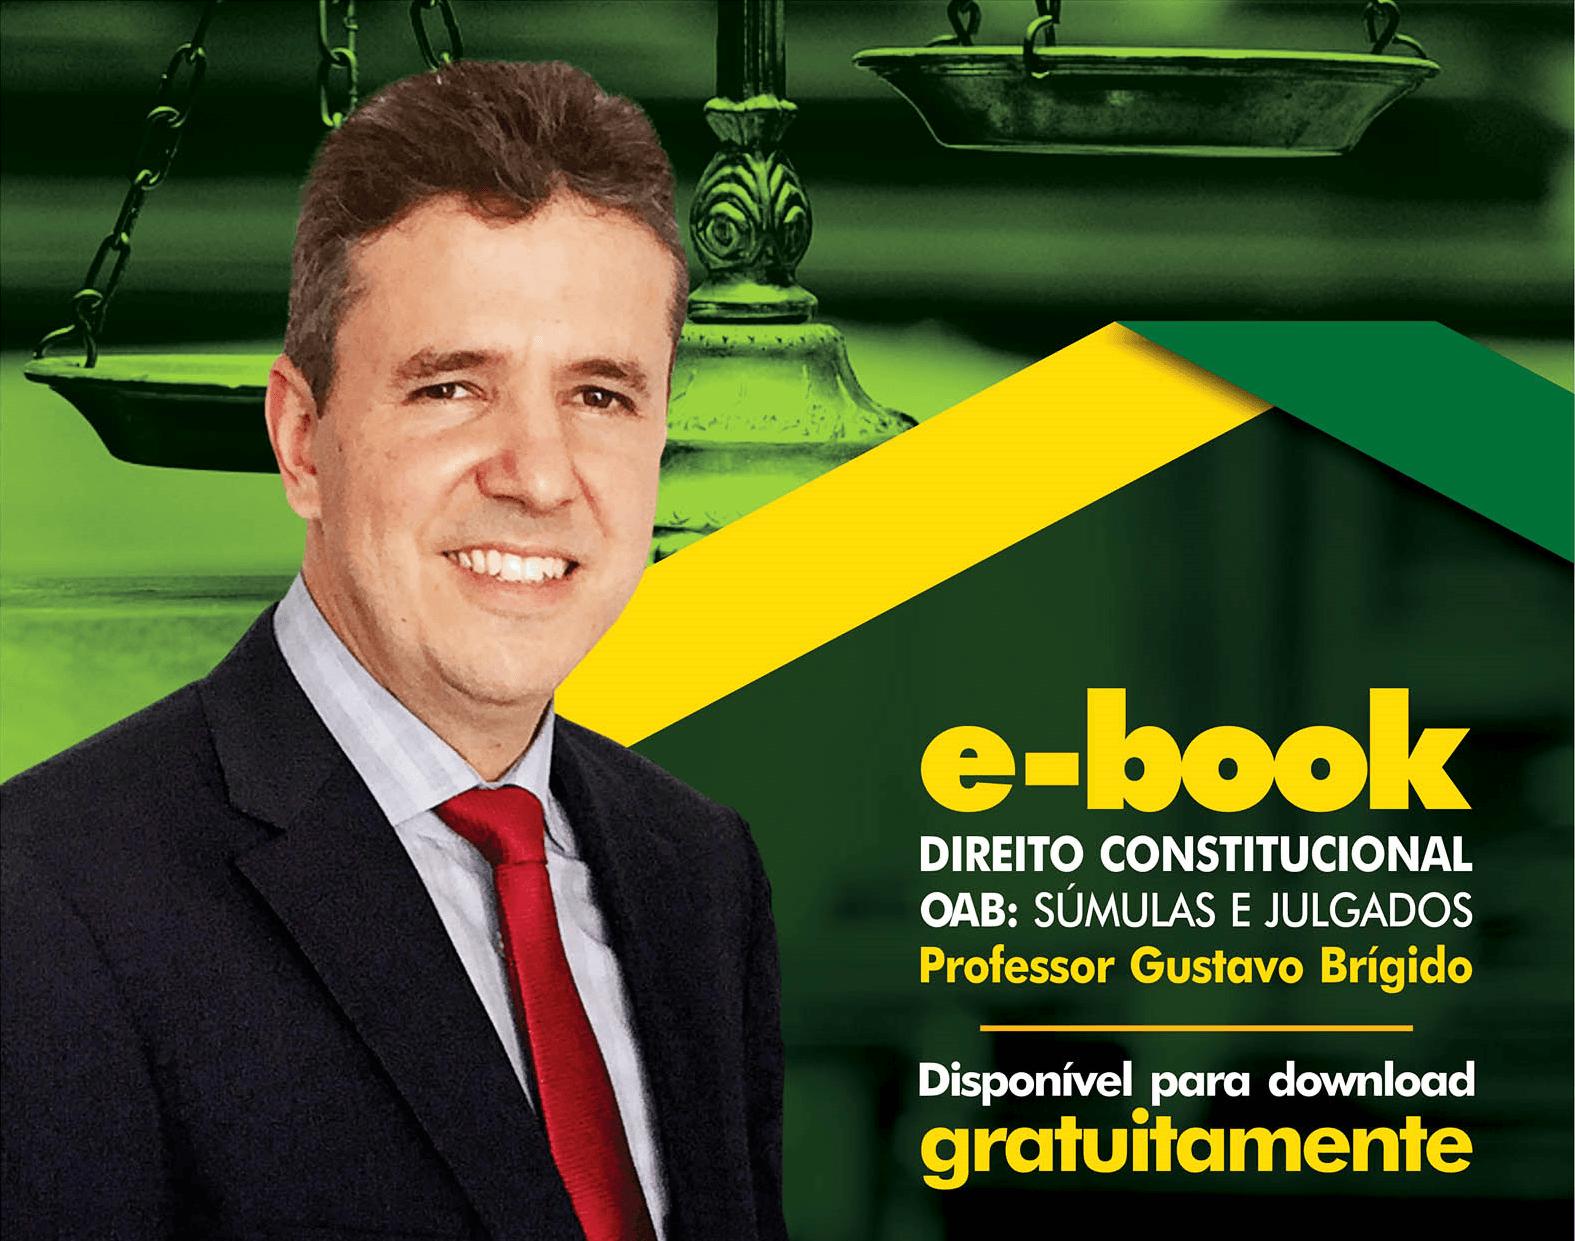 E-Book - DIREITO CONSTITUCIONAL OAB - Professor Gustavo Brígido